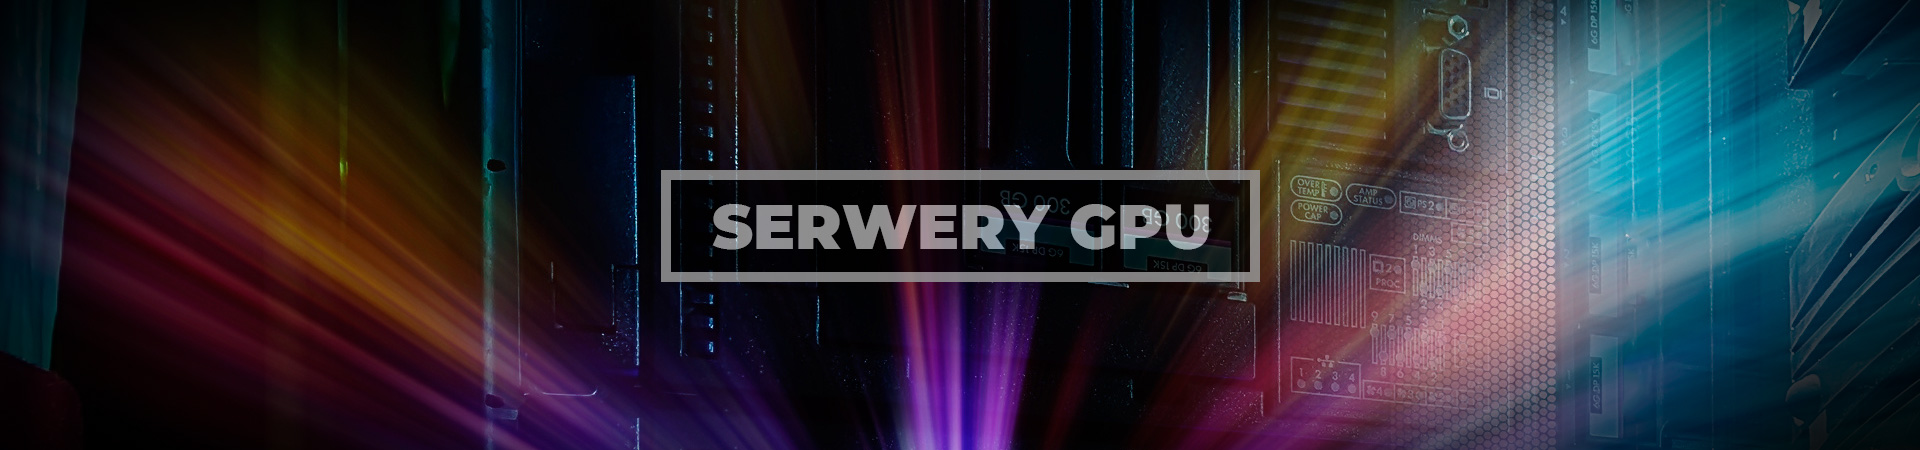 serwery GPU